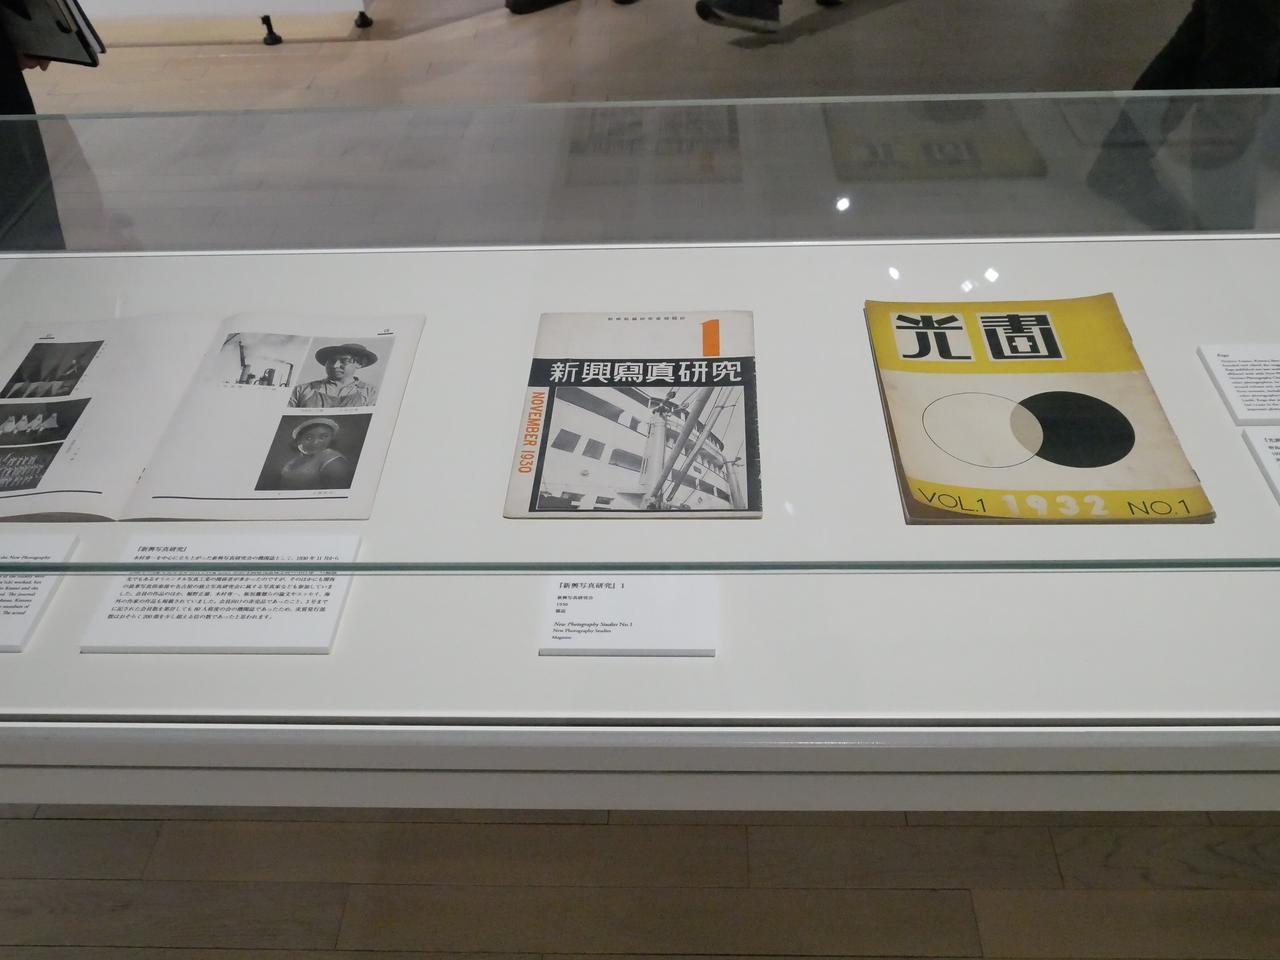 画像3: 3階展示室では「『光画』と新興写真 モダニズムの日本」展